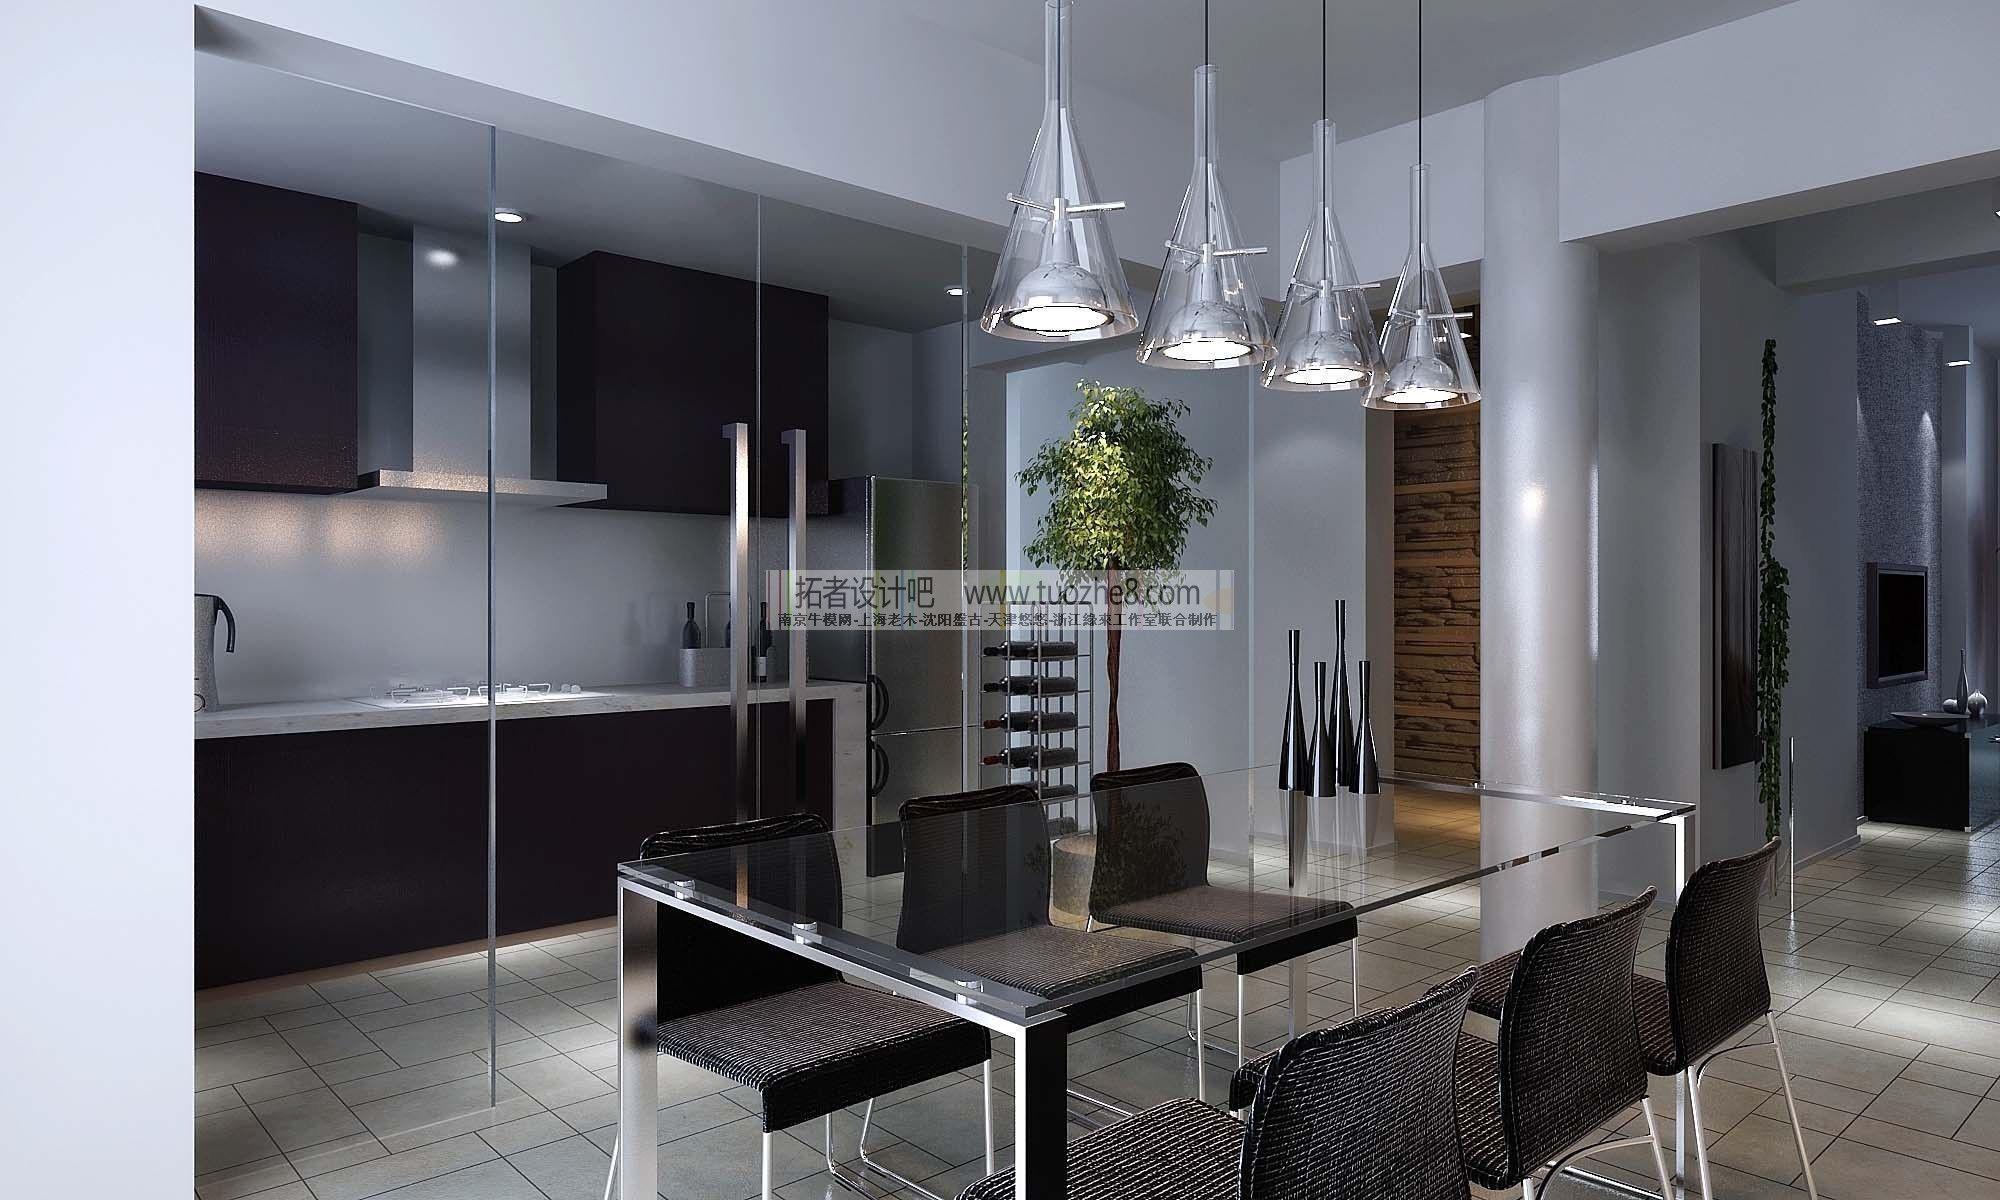 stylish interior design living room restau 3d model max the living room bristol restaurant in bristol dinner